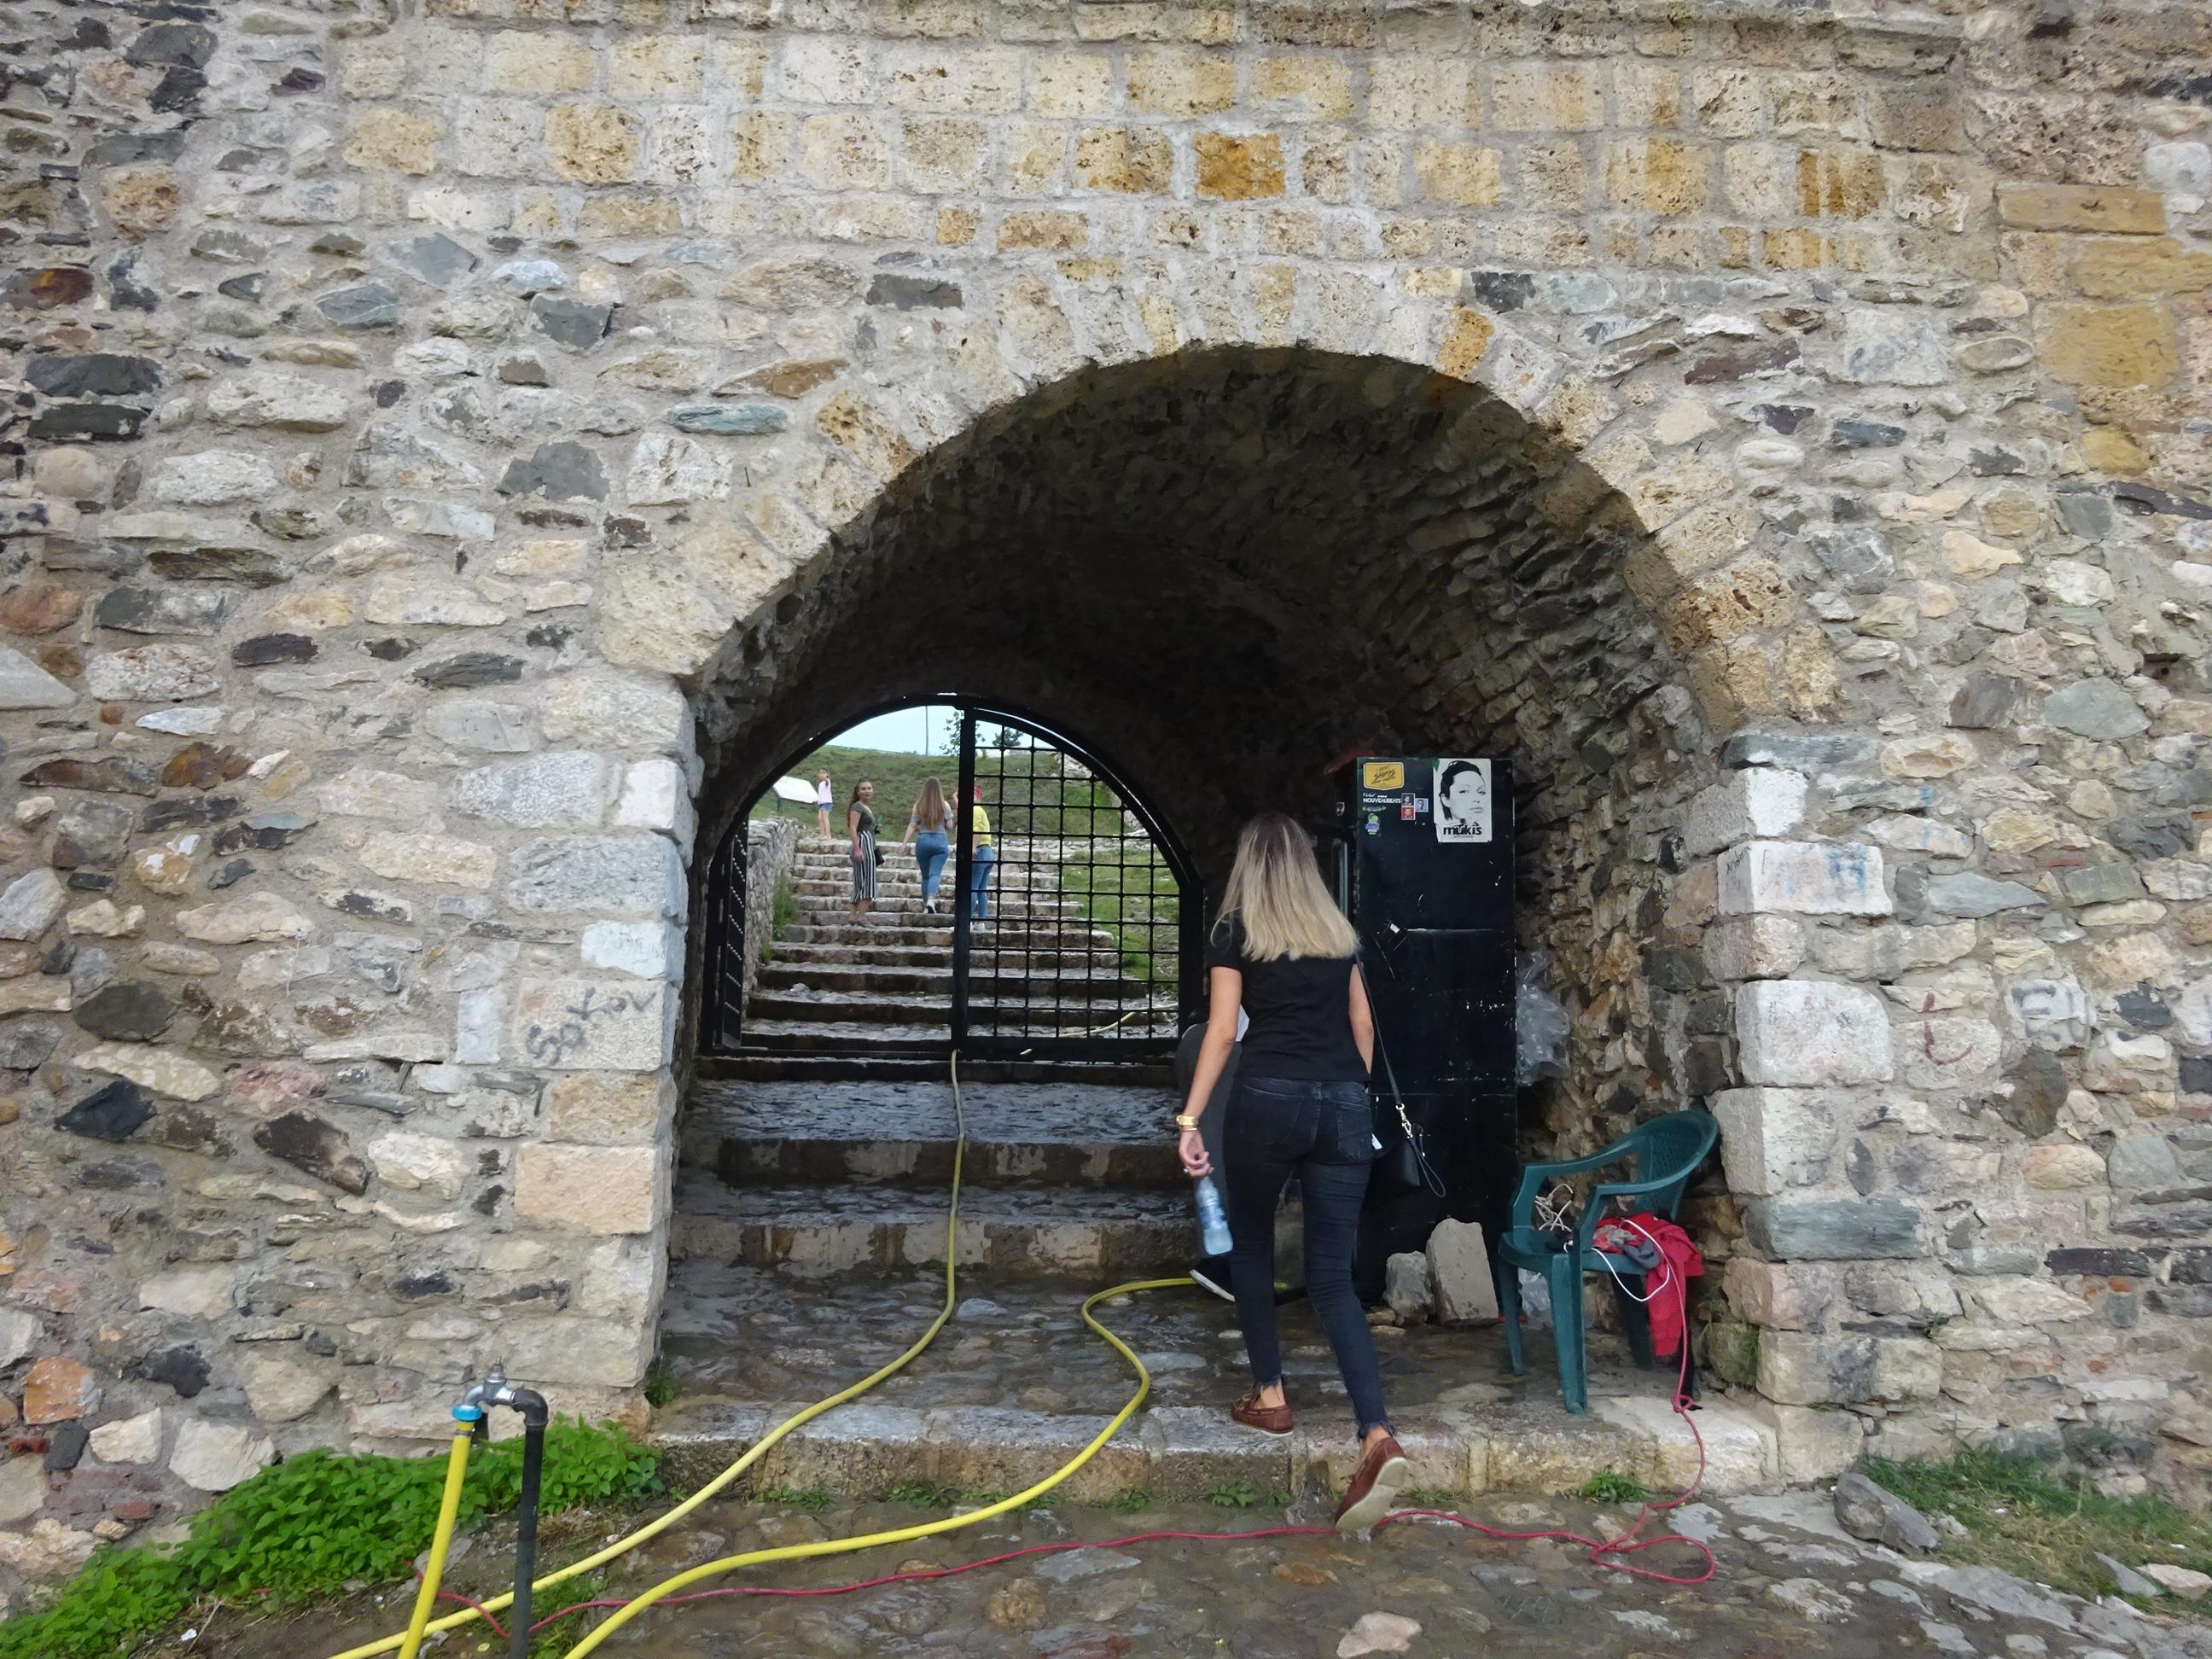 プリズレンの観光「プリズレン要塞」の出入り口